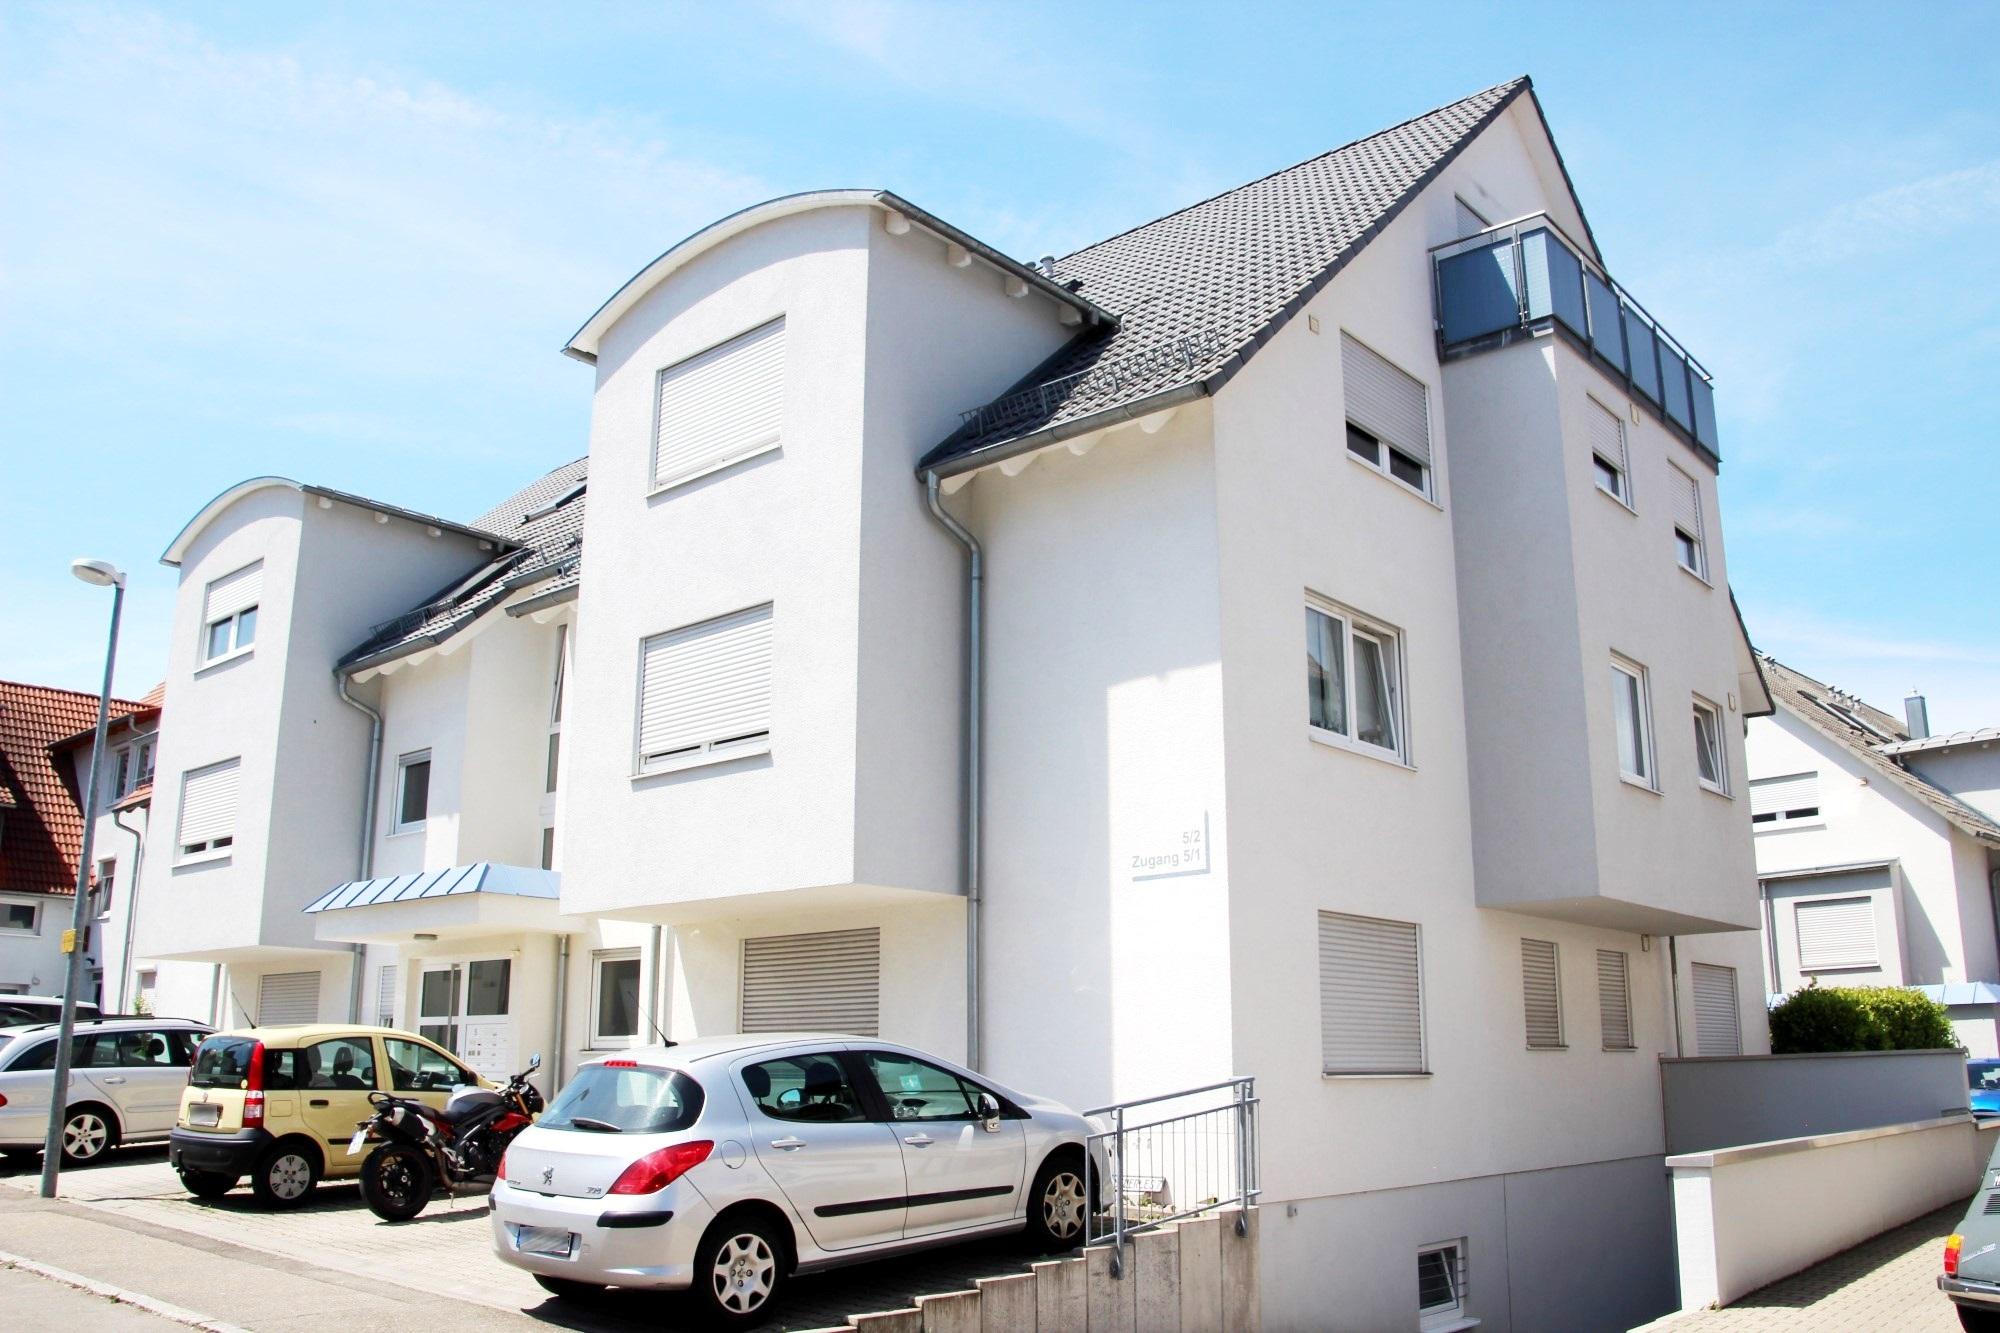 2005 | 2. Bauabschnitt 9-Familienhaus Mäuerlesstraße in Magstadt , Architekt Dipl. Ing. U. Gehrer